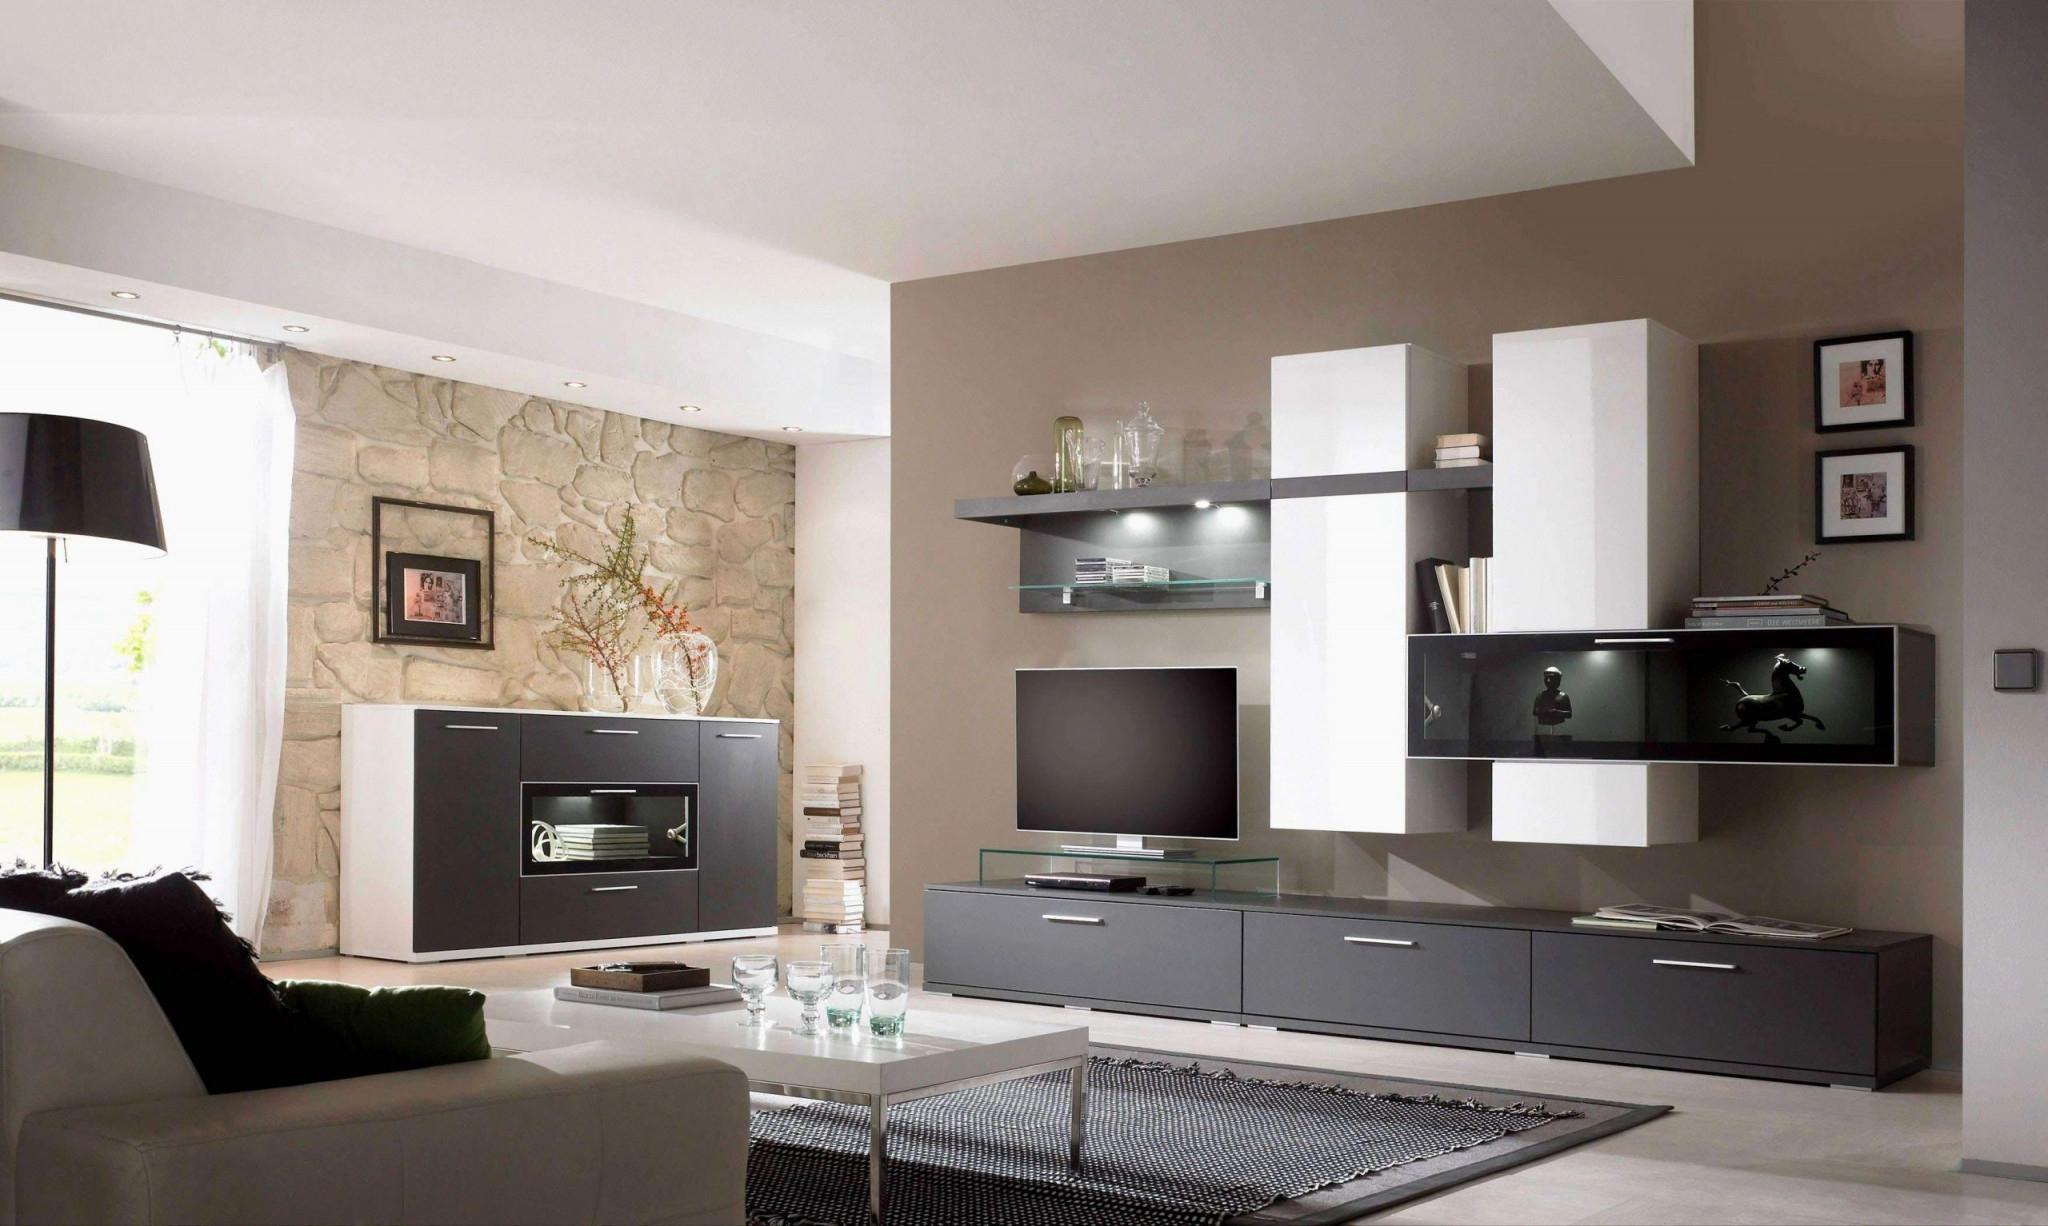 36 Genial Helles Wohnzimmer Inspirierend  Wohnzimmer Frisch von Helles Wohnzimmer Ideen Photo